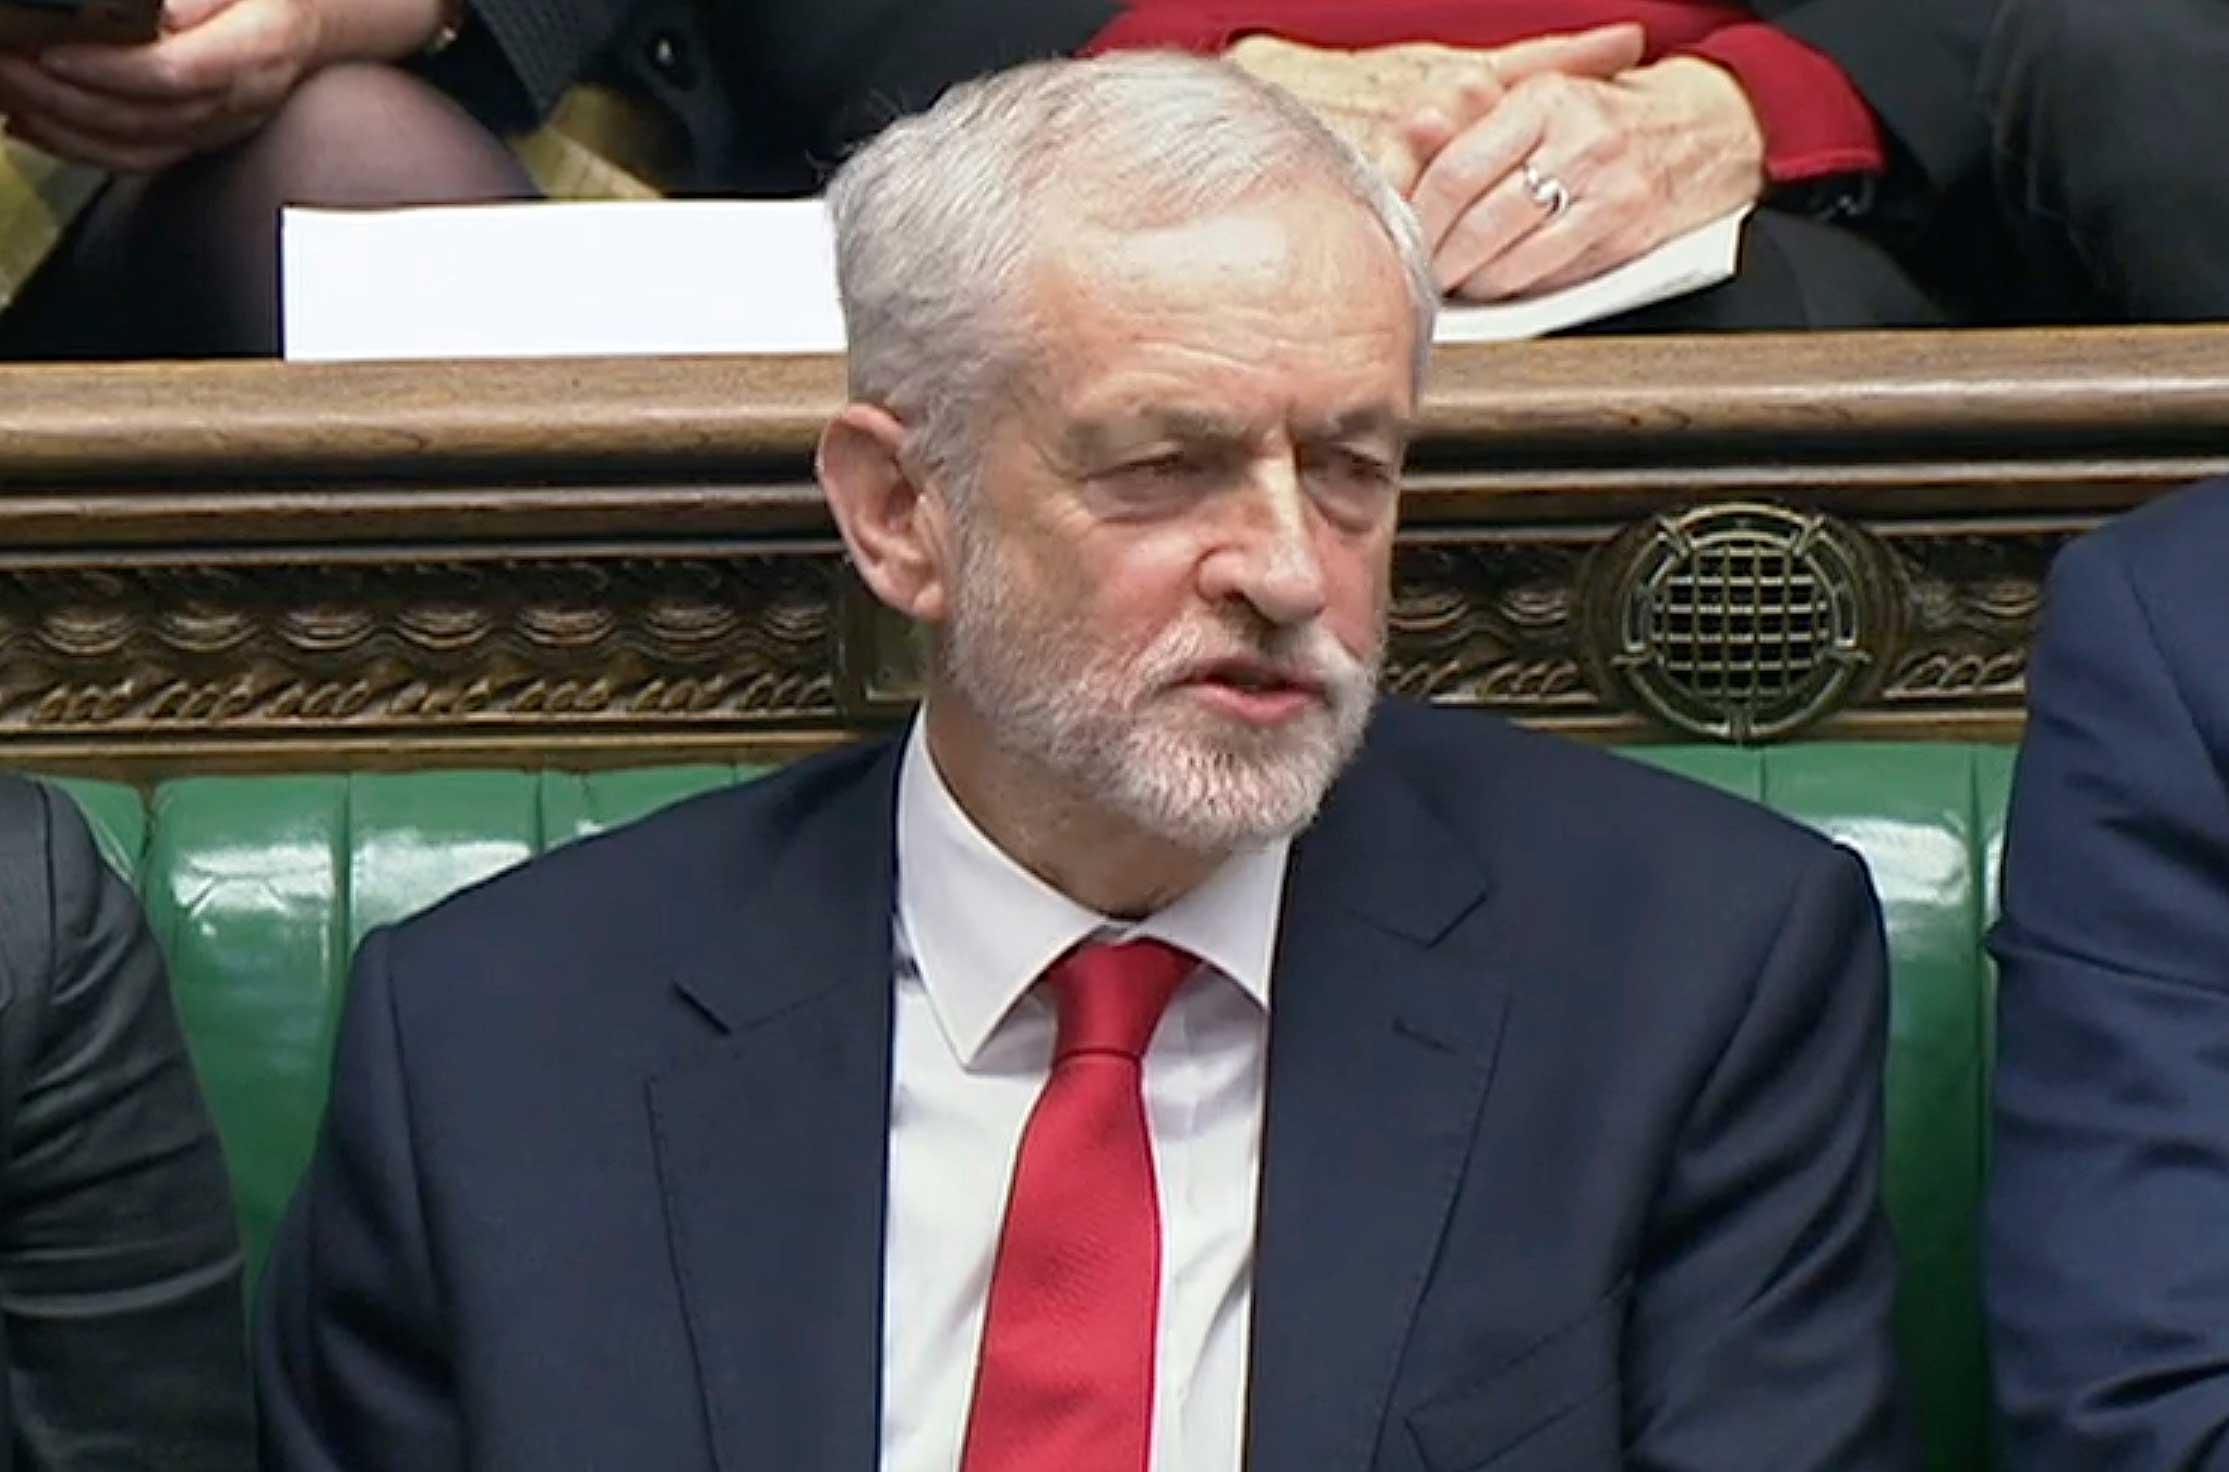 Corbyn's Brexit pledge angers Labour